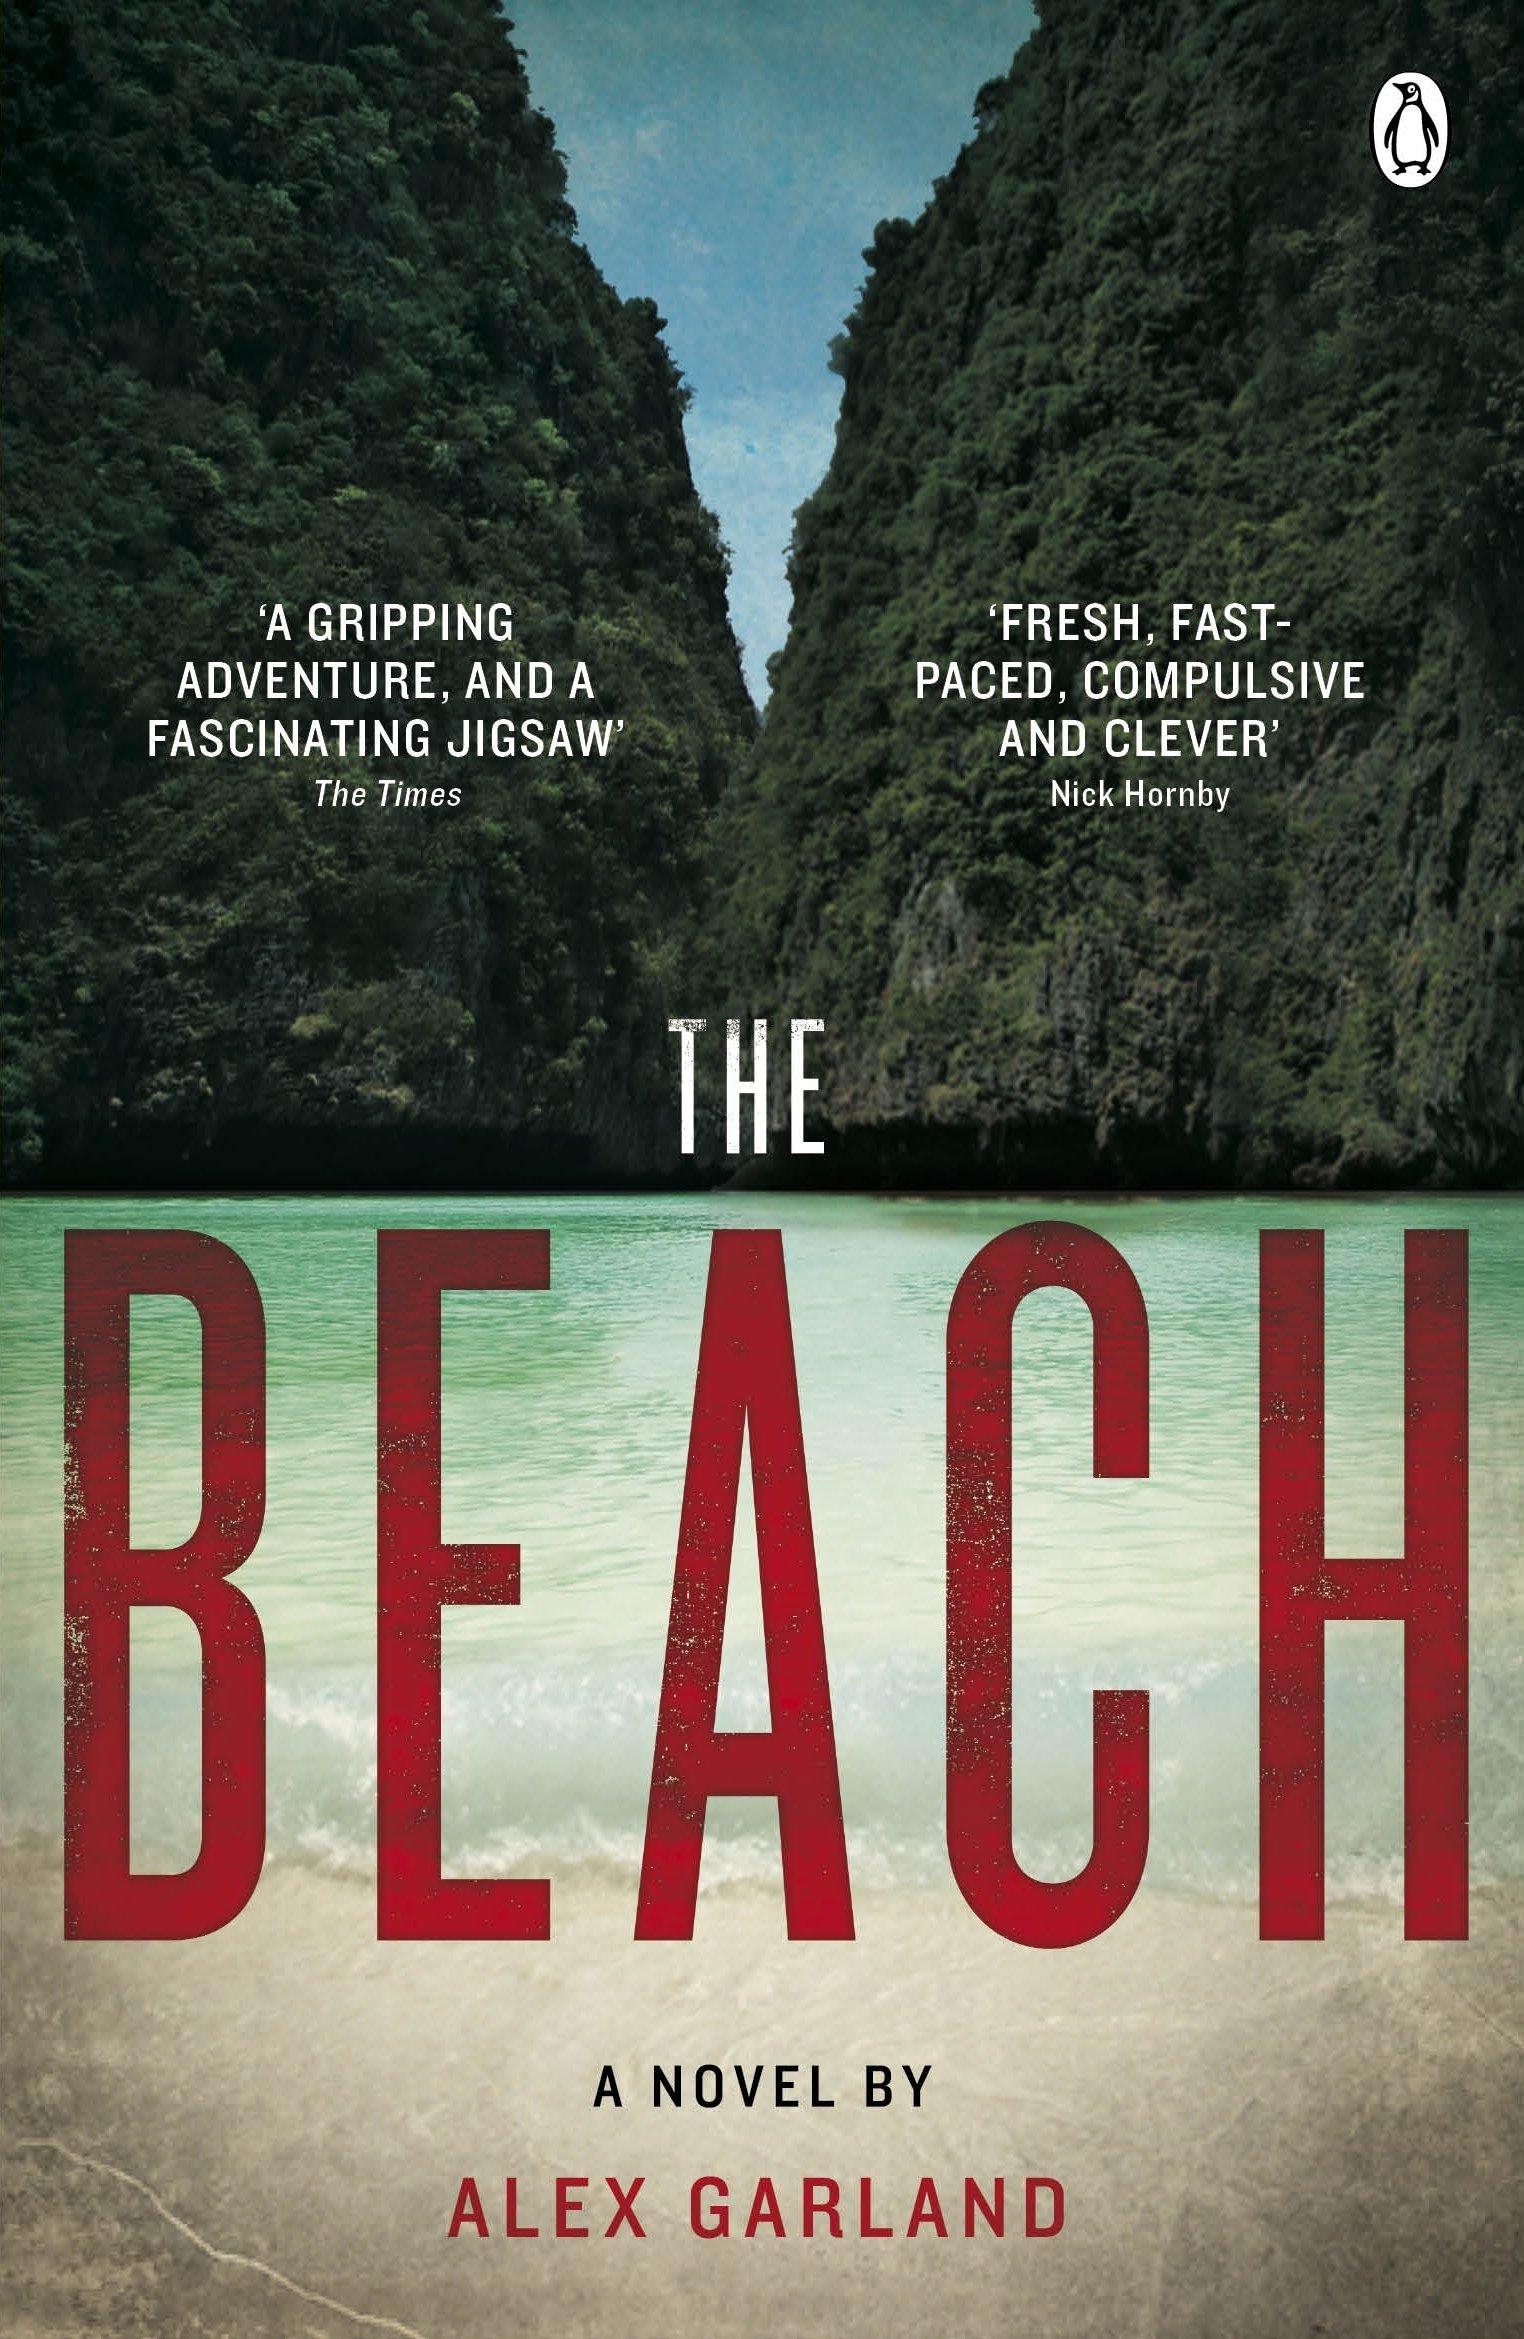 Résultats de recherche d'images pour «The Beach, by Alex Garland back cover»